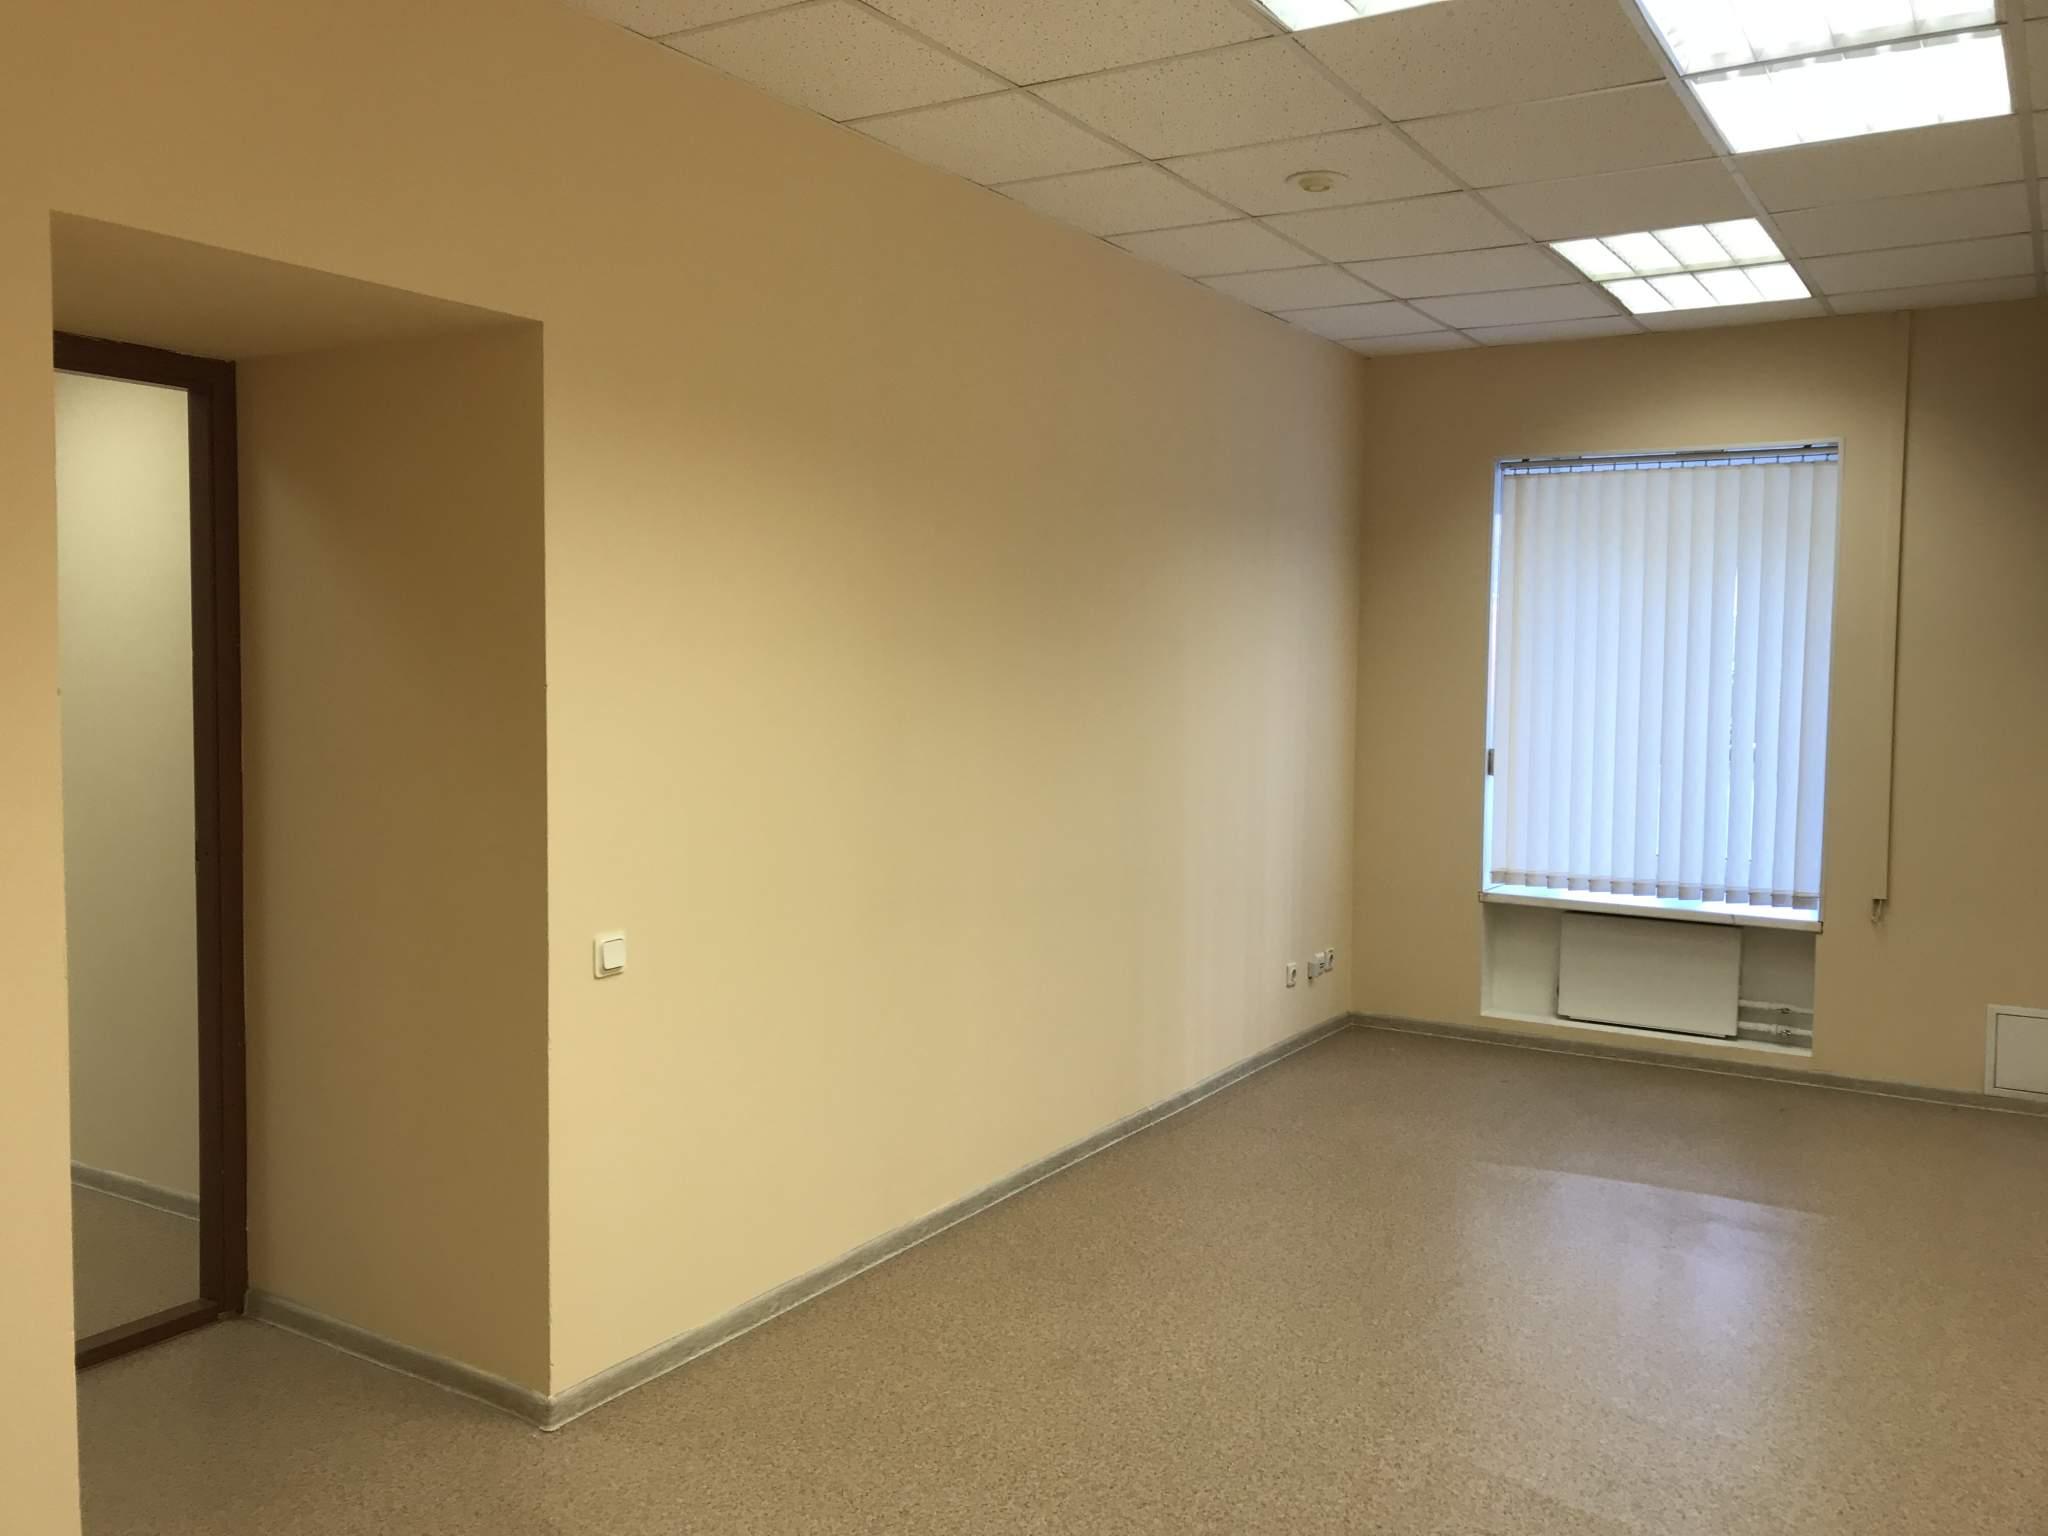 Аренда офисного помещения площадью